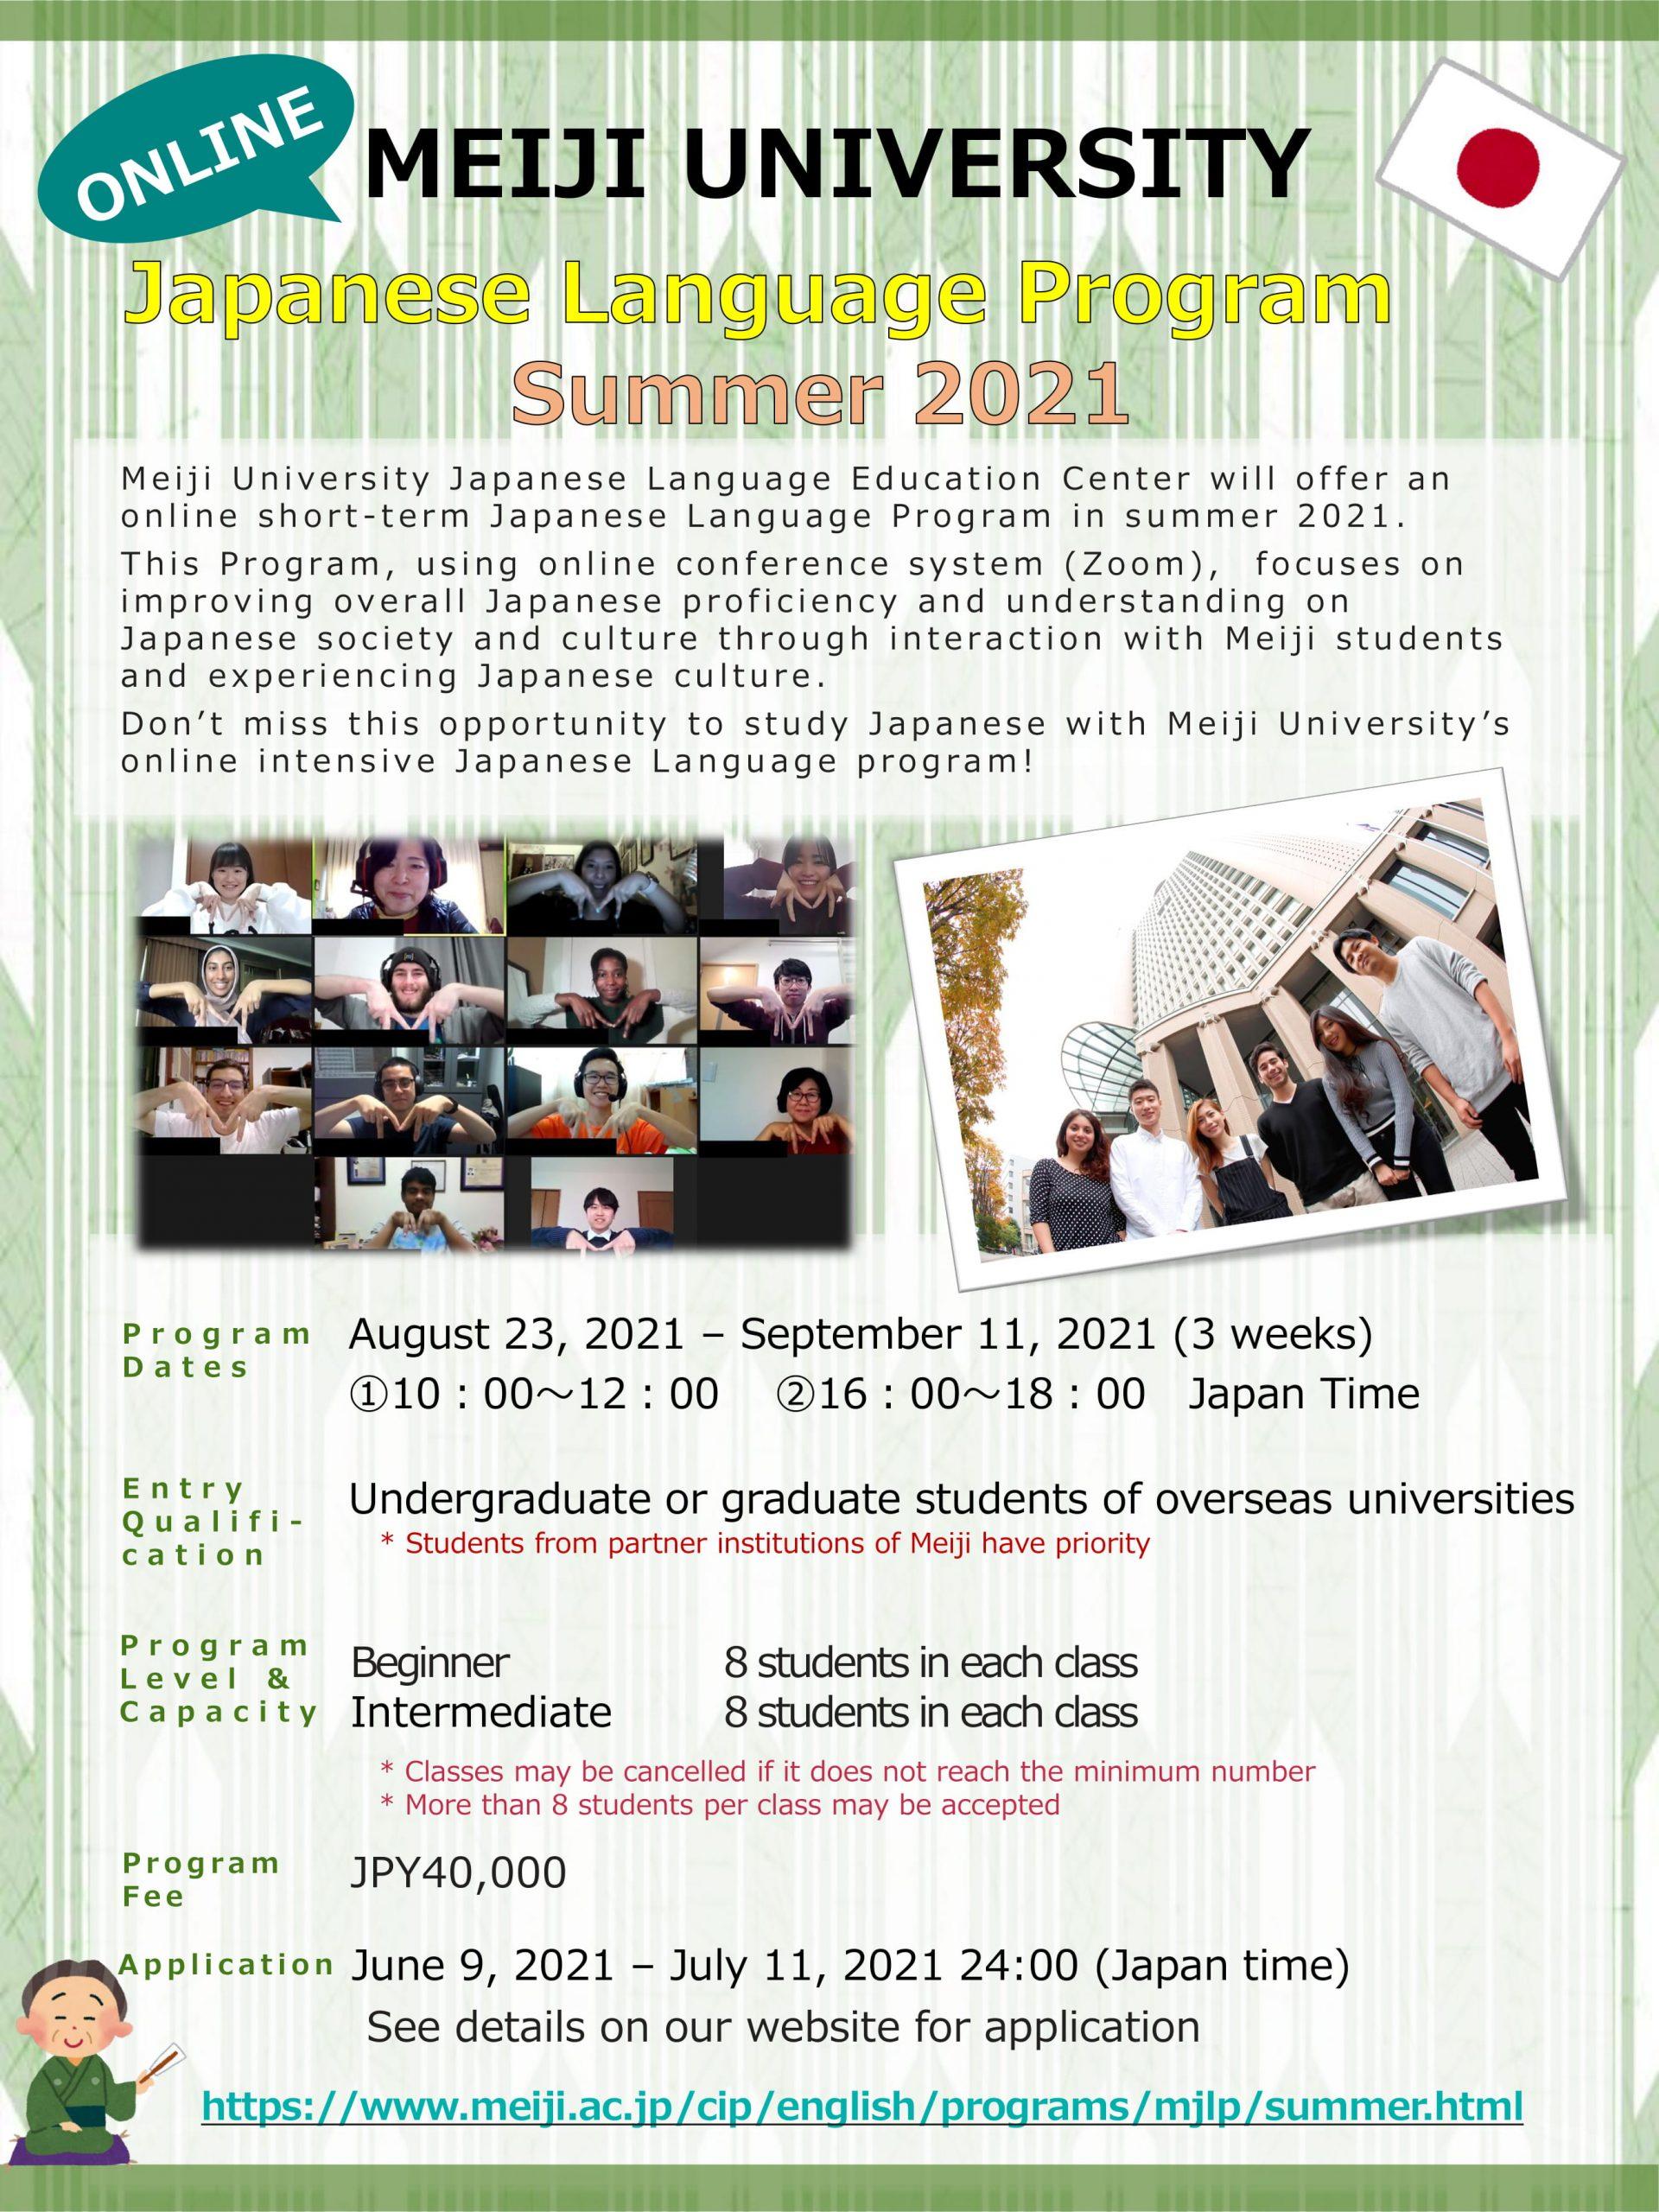 Online Intensive Japanese Language Program 2021 / Meiji University (Tokyo, JAPAN)